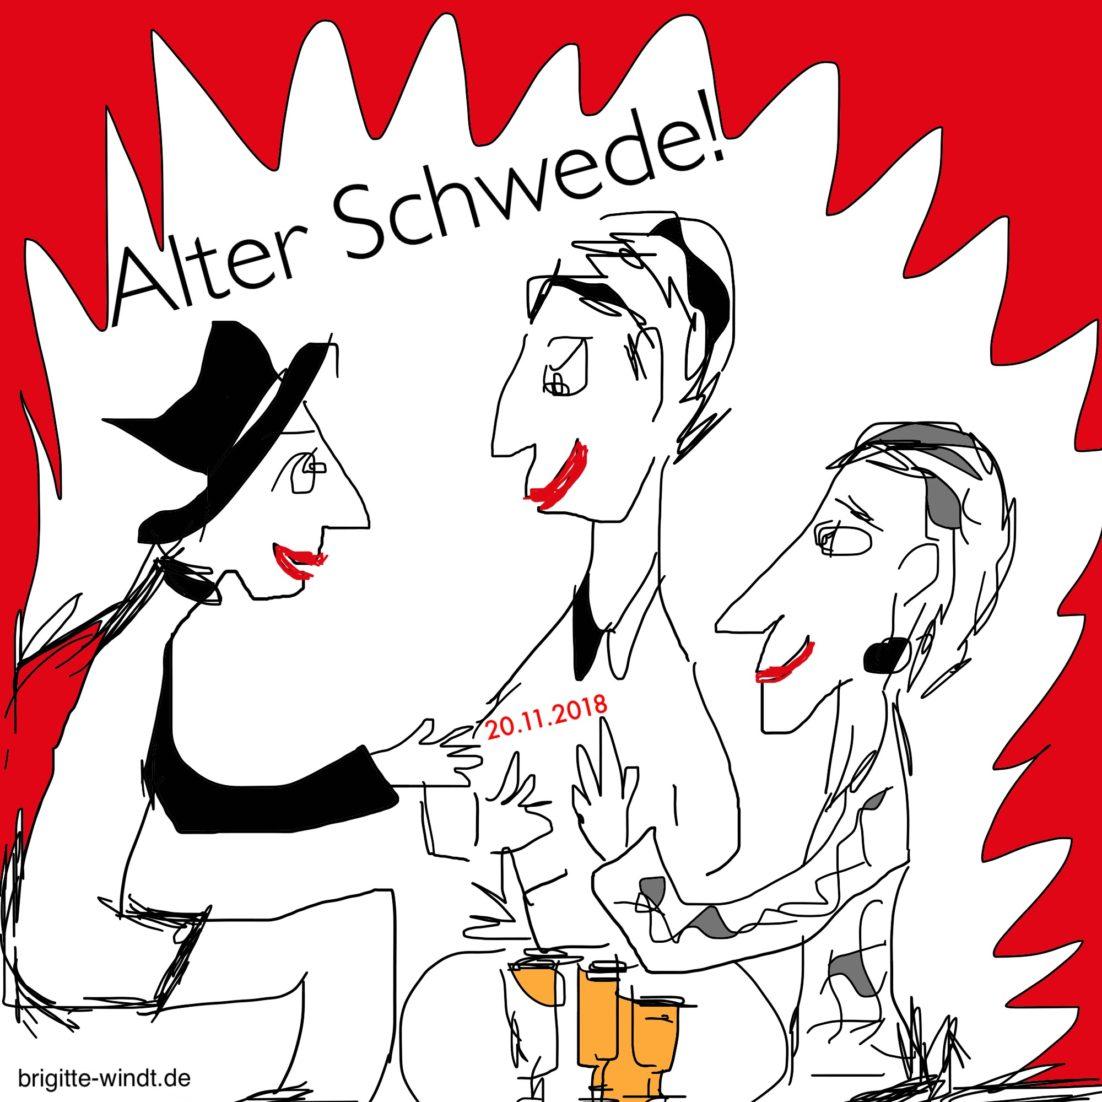 ALTER SCHWEDE! Drei Frauen sitzen am runden Tisch mit drei Gläsern Bier und diskutieren. Karikatur mit schwarzer Tusche auf weißem Grund und roter symbolischer Feuerrahmung. Gezeichnet von Brigitte Windt im Kontext der Online-Gruppe 30 Skizzen im November 2018.